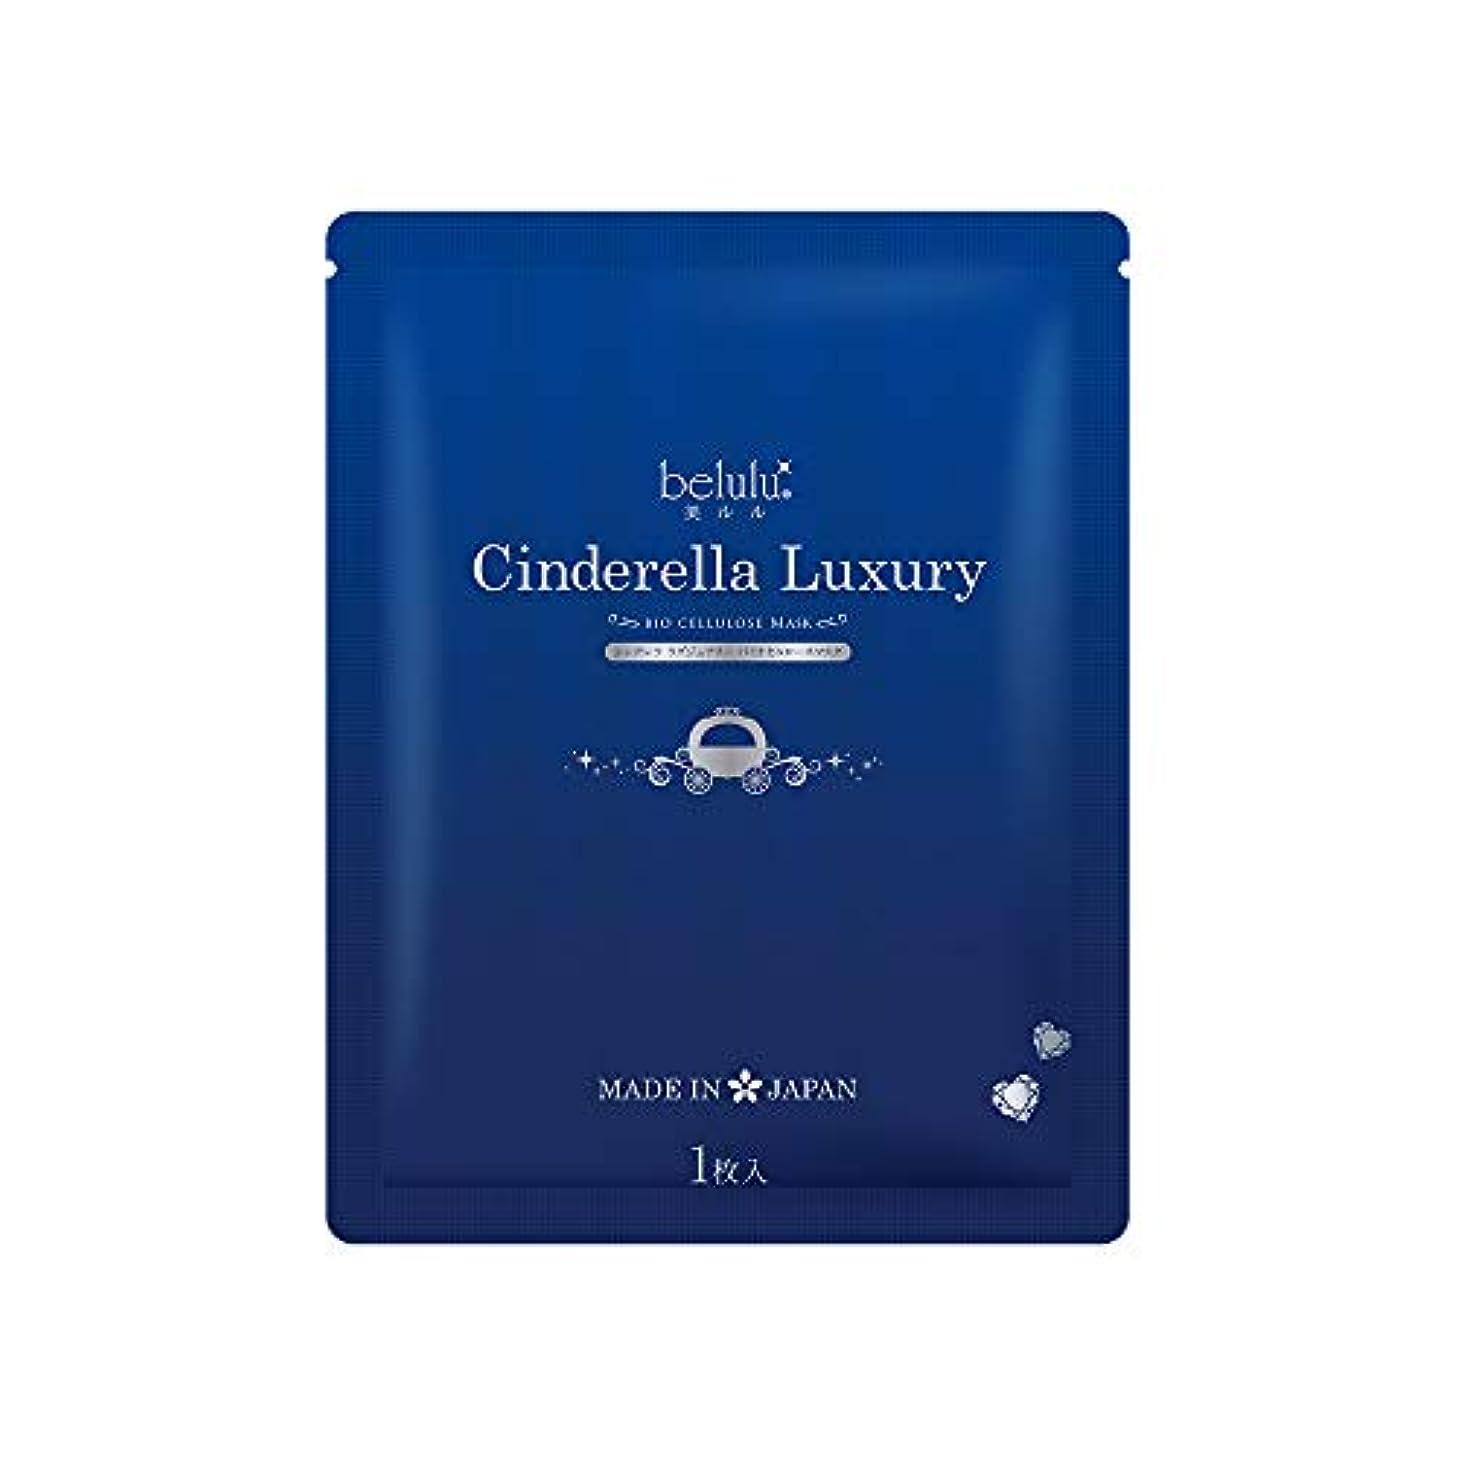 含意動脈猫背フェイスマスク 美ルル シンデレラ ラグジュアリー パック 美白 保湿 美肌 日本製 belulu Cinderella Luxury